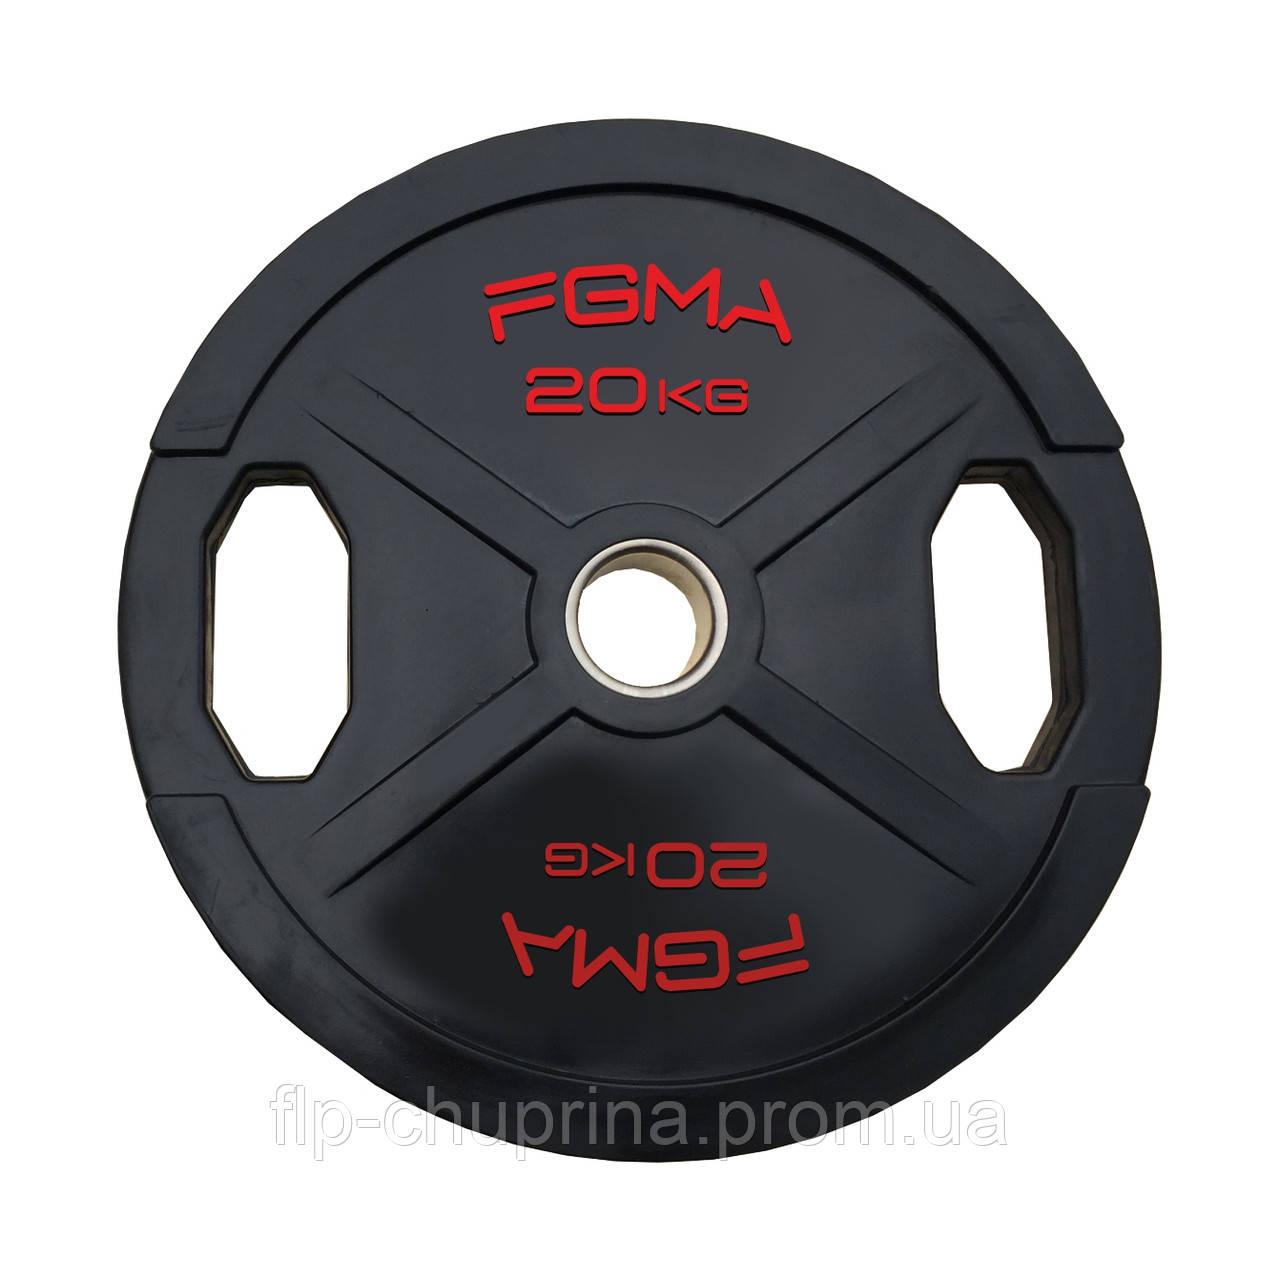 """Диск (блин) для штанги обрезиненный FGMA """"X"""" 20kg"""